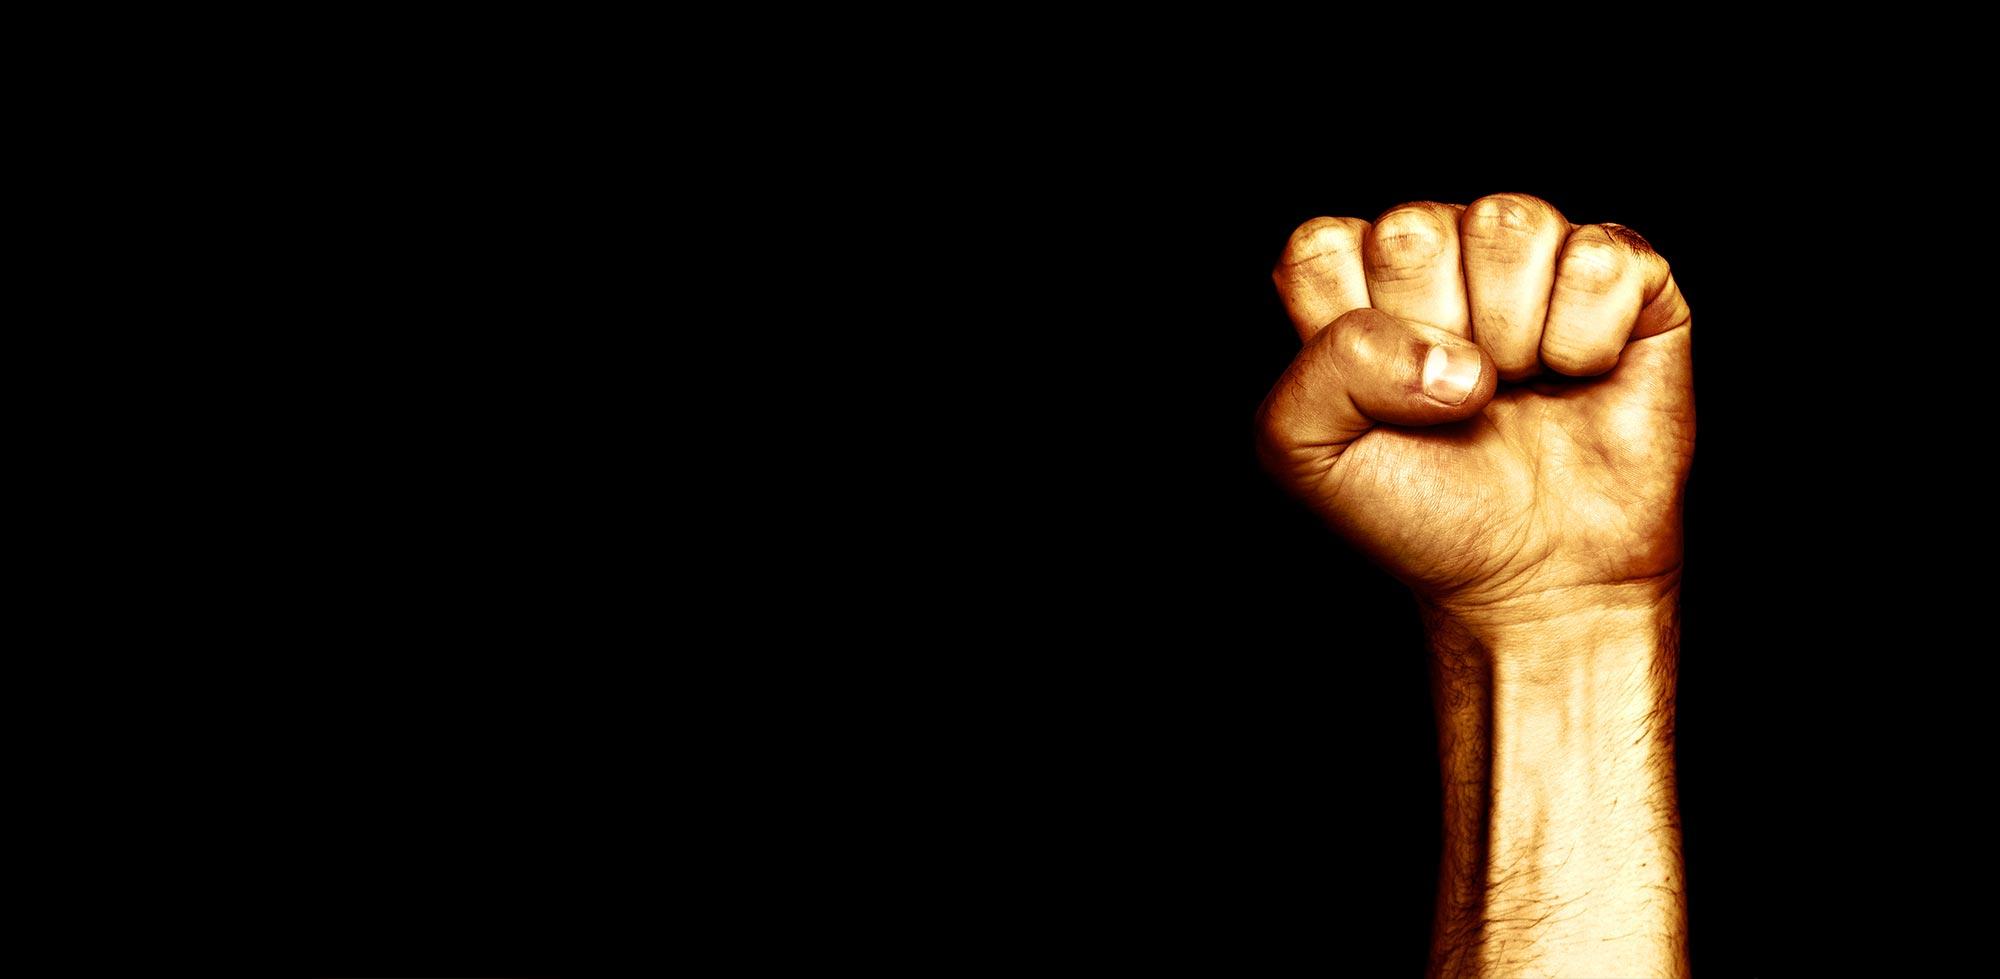 Jurisprudencia sobre el principio de progresividad de los derechos humanos